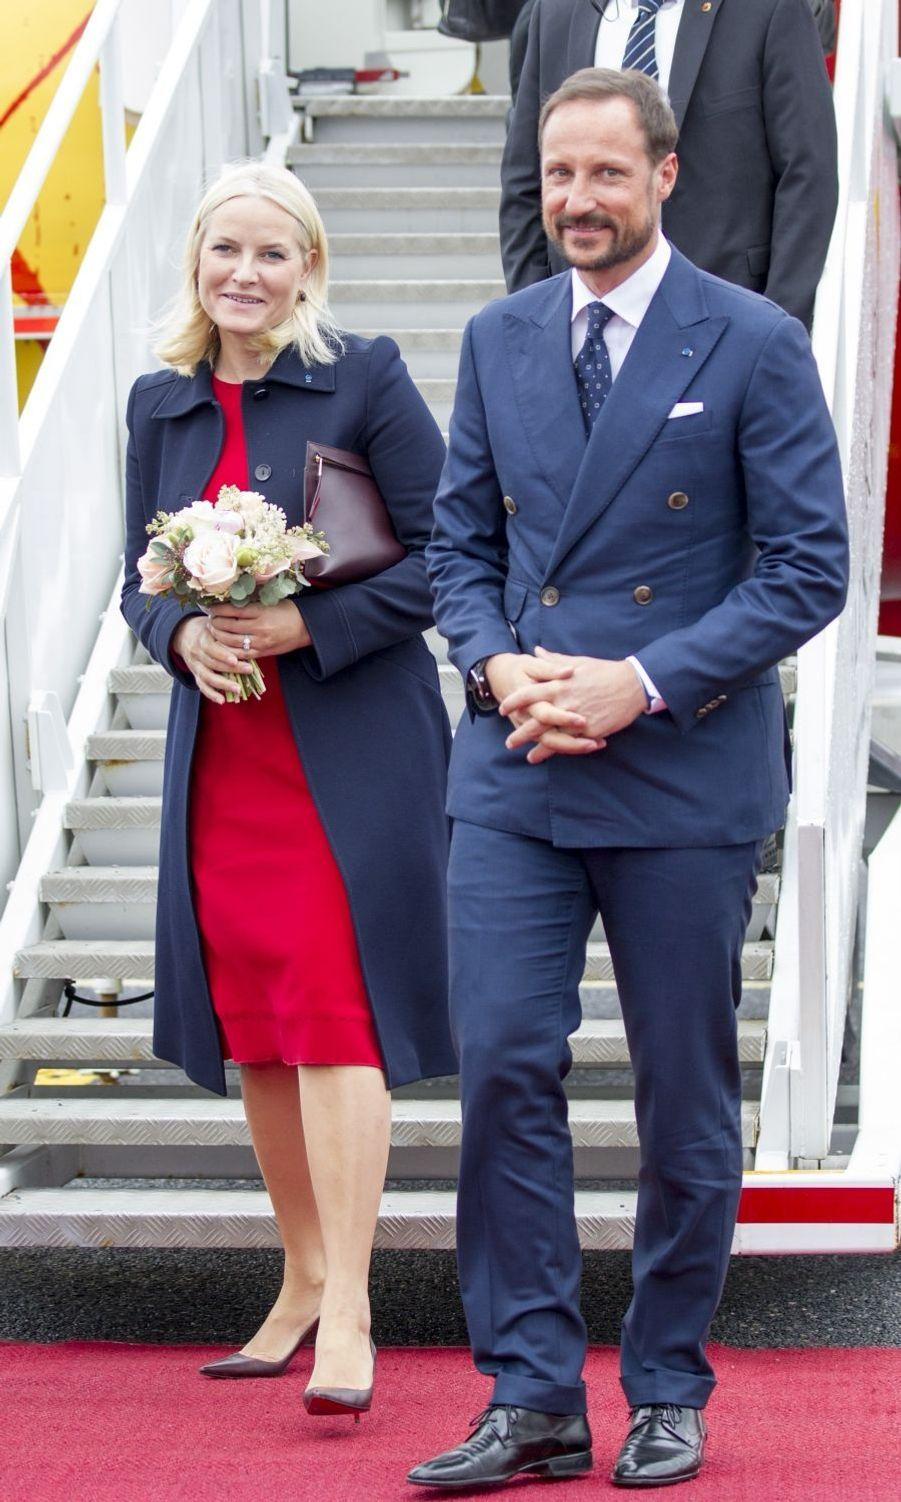 La princesse Mette-Marit et le prince Haakon de Norvège à leur arrivée à Tallinn, le 25 avril 2018